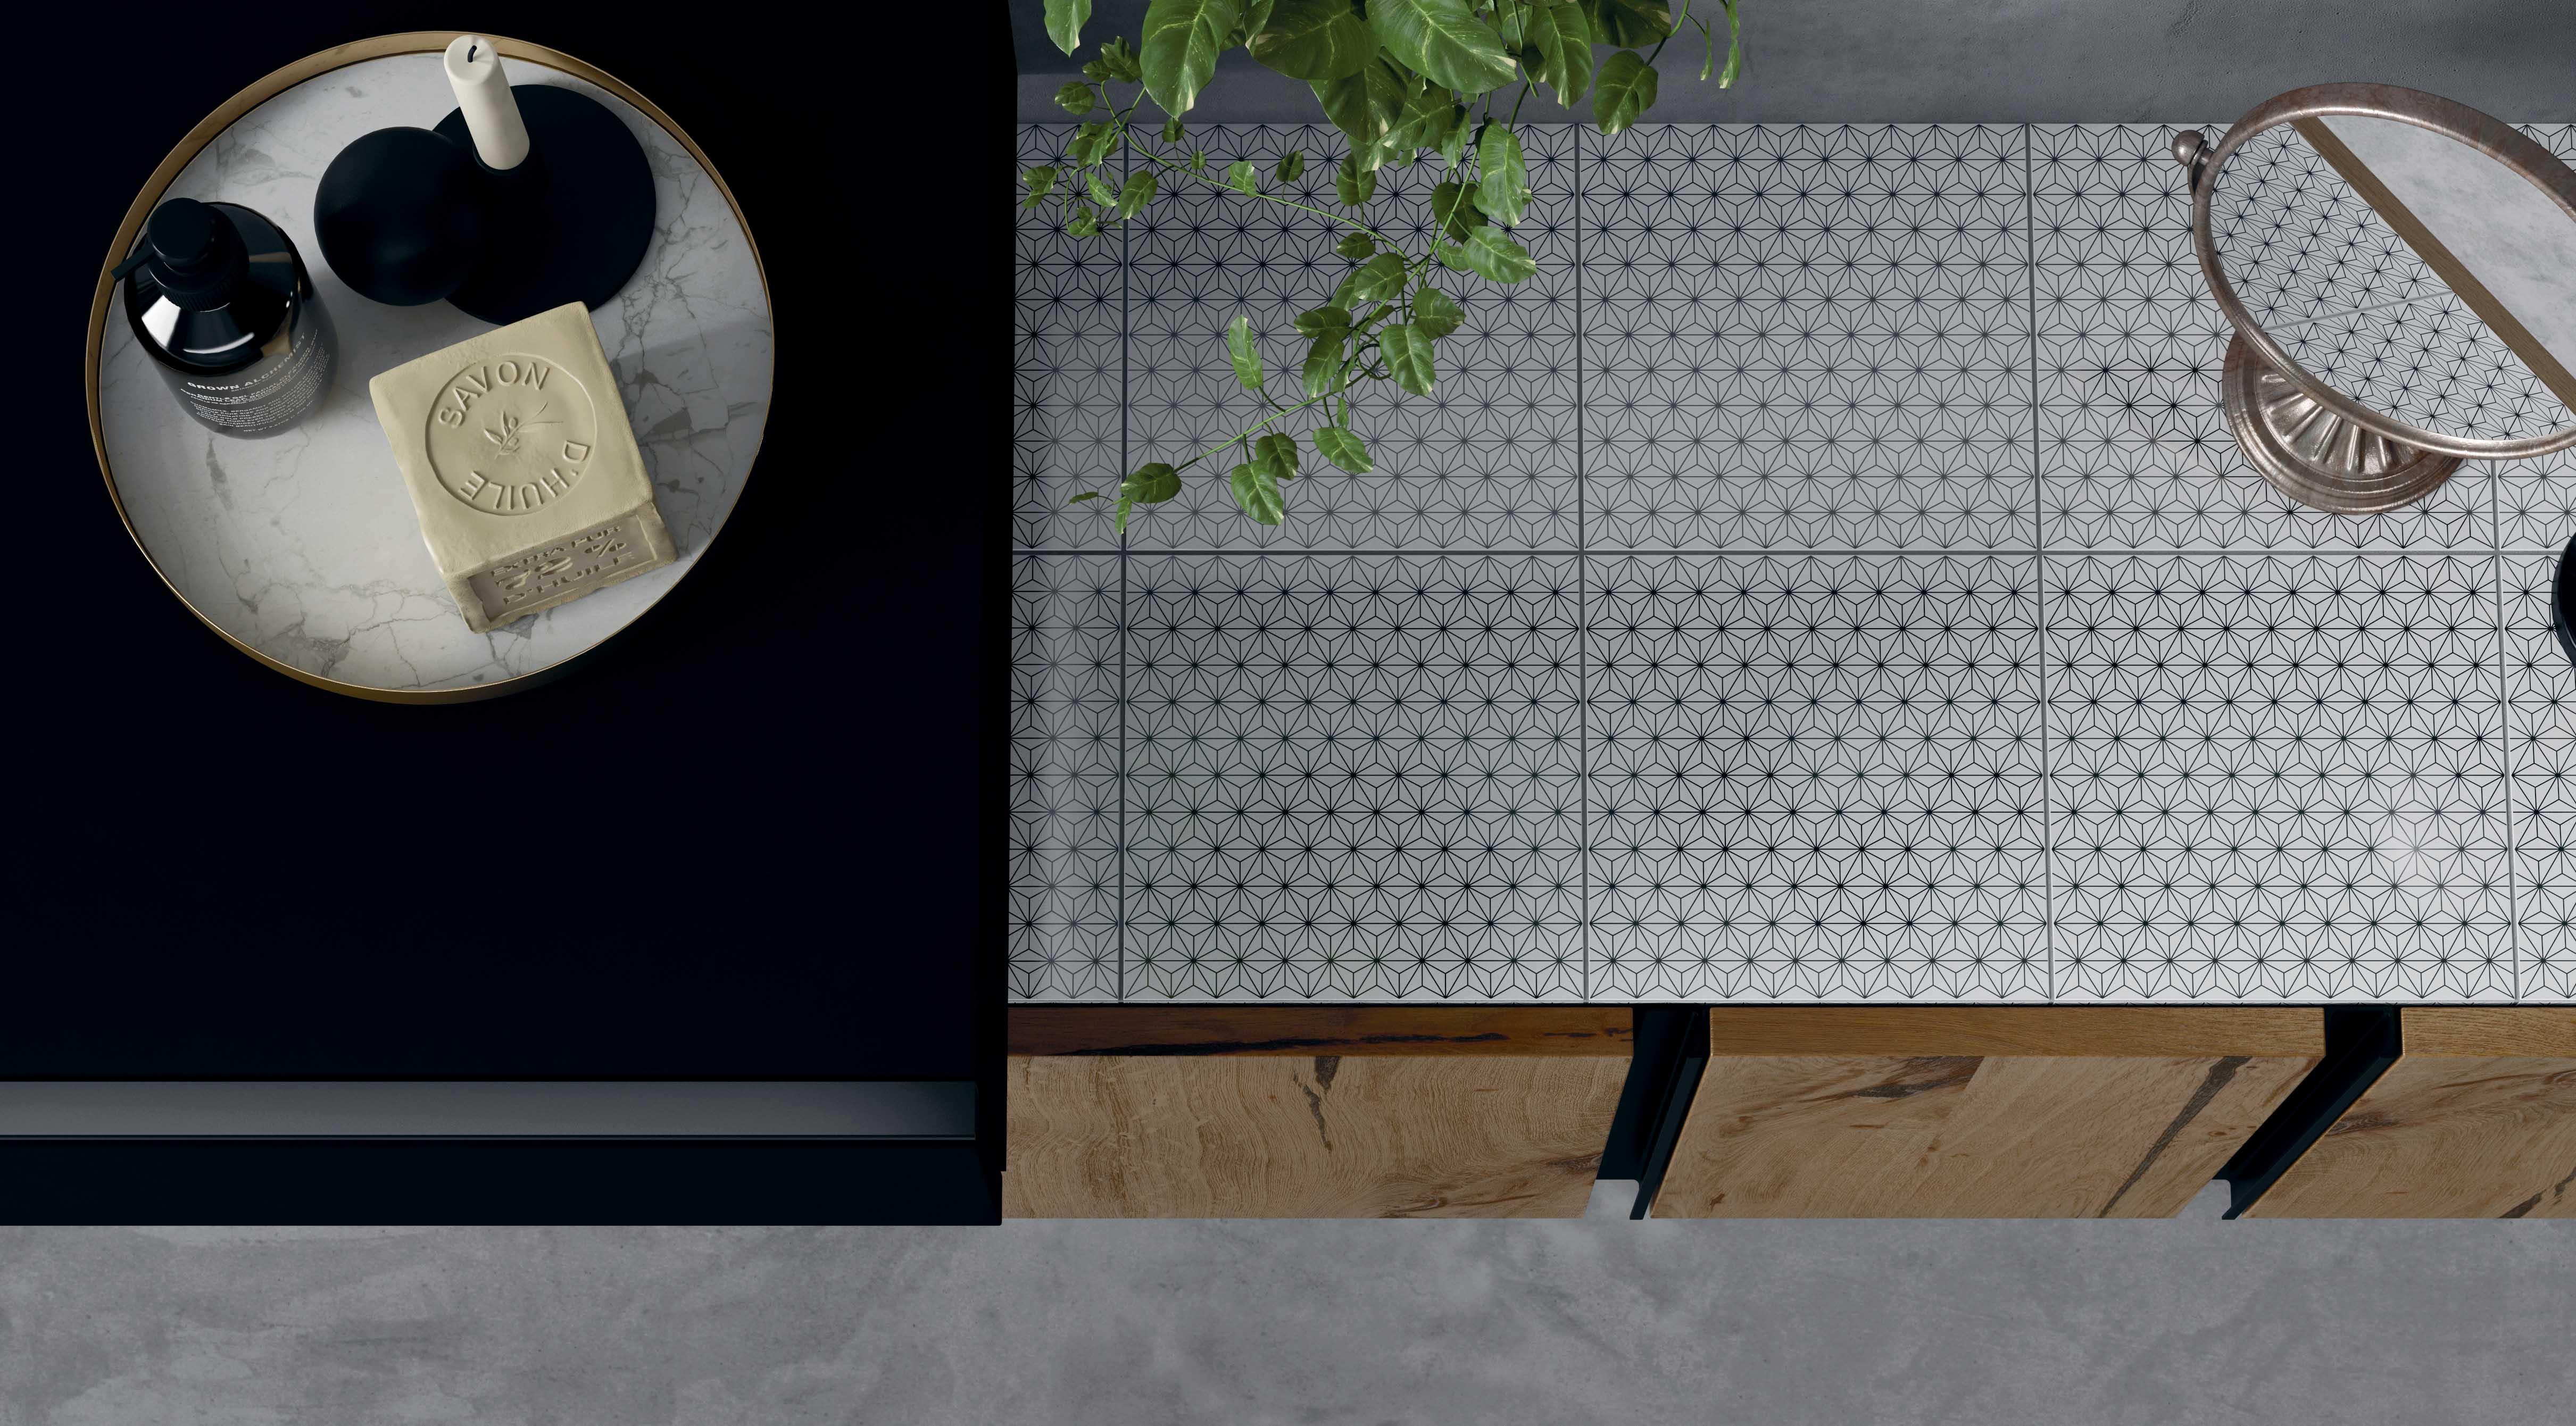 Salle de bain altamarea dessin style mosaïque blanche et noire bois